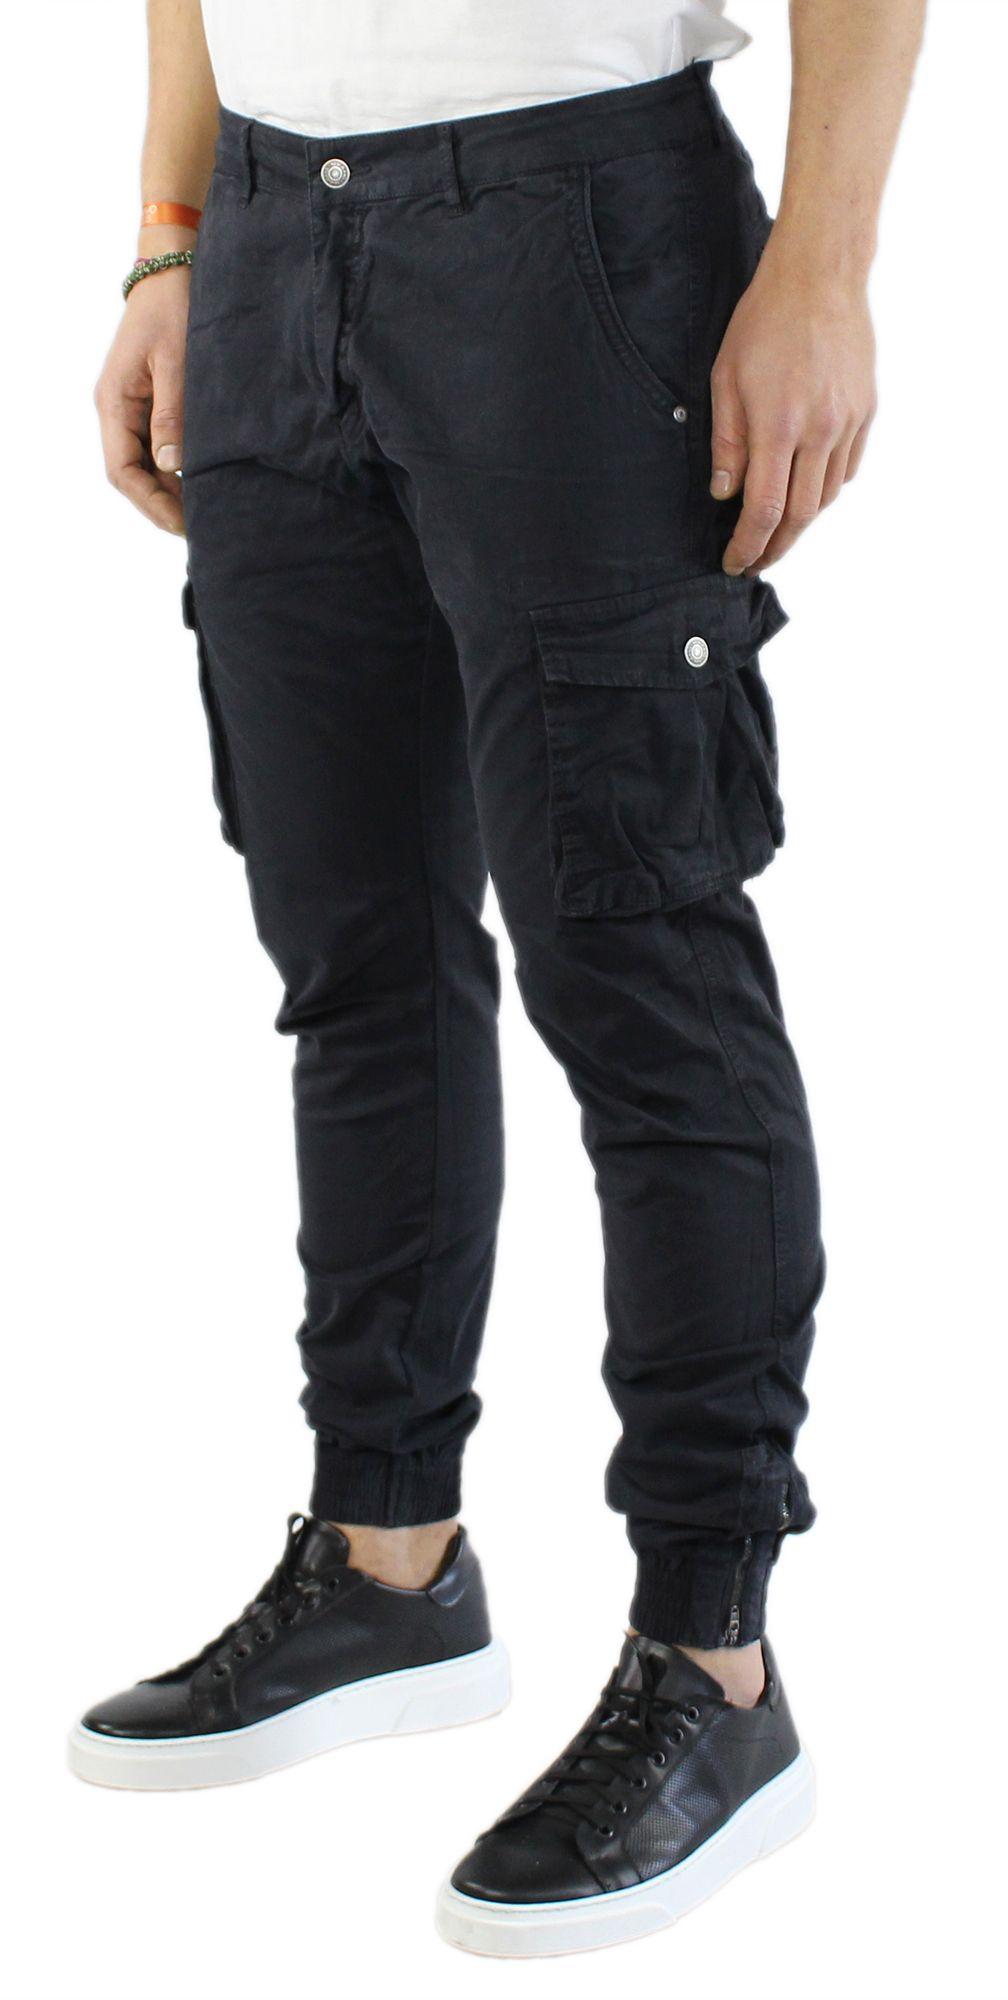 Pantaloni-Uomo-Cargo-in-Cotone-Pantalone-Tasconi-Laterali-Slim-Fit-Leggero miniatura 3